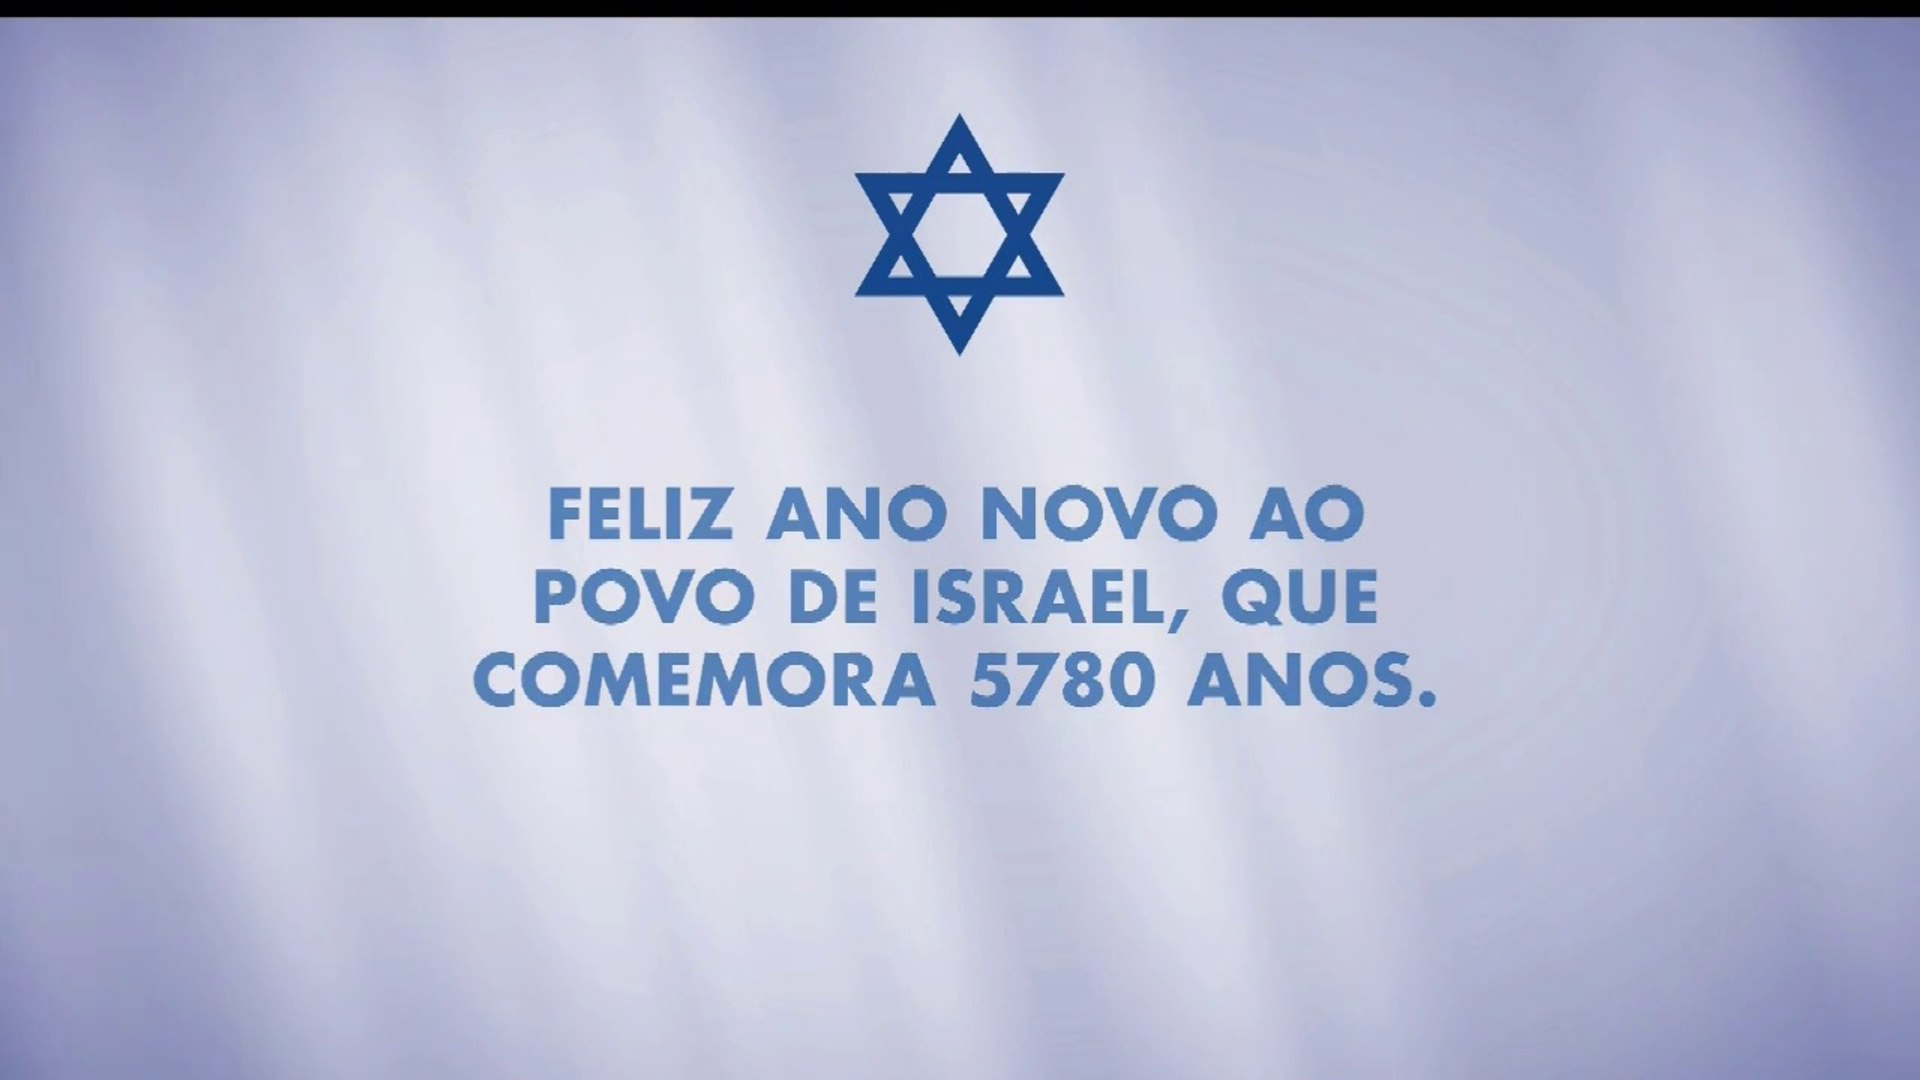 Institucional SBT - Feliz Ano Novo ao povo de Israel (Ano Novo Judaico) (27/09/2019) (10h17) | SBT 2